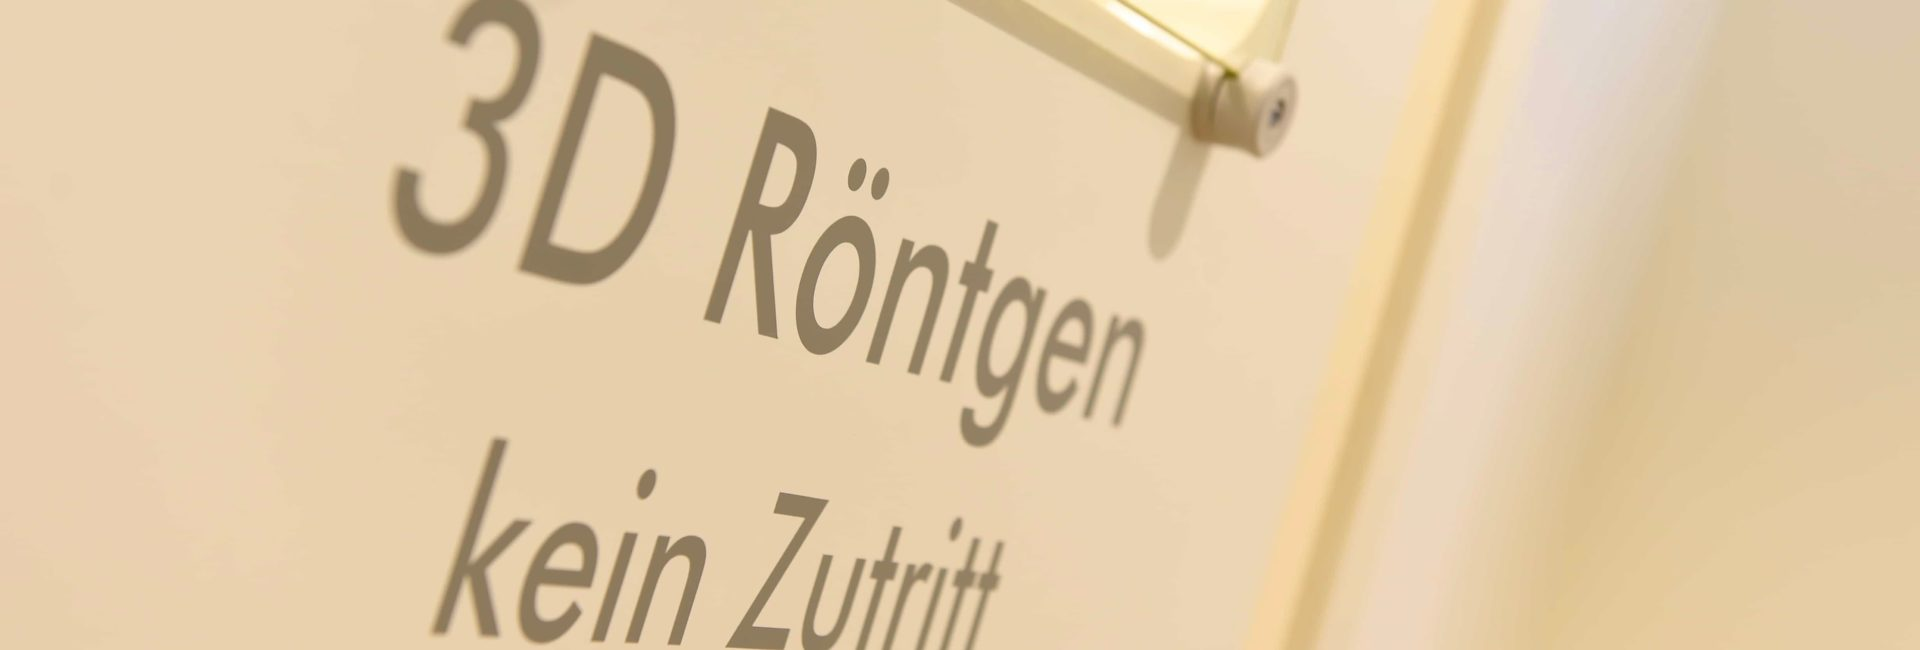 3D DVT Diagnostik Zahnarztpraxis in München